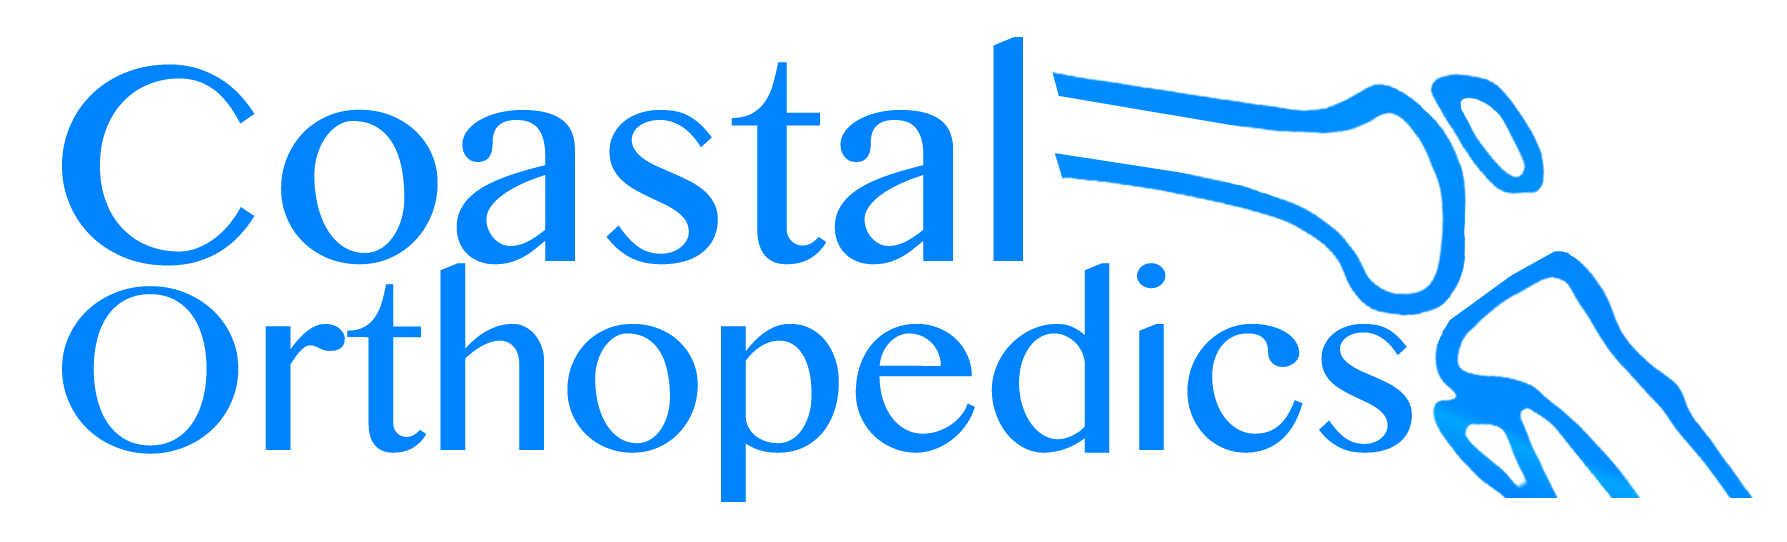 coastalortho mono tone blue logo